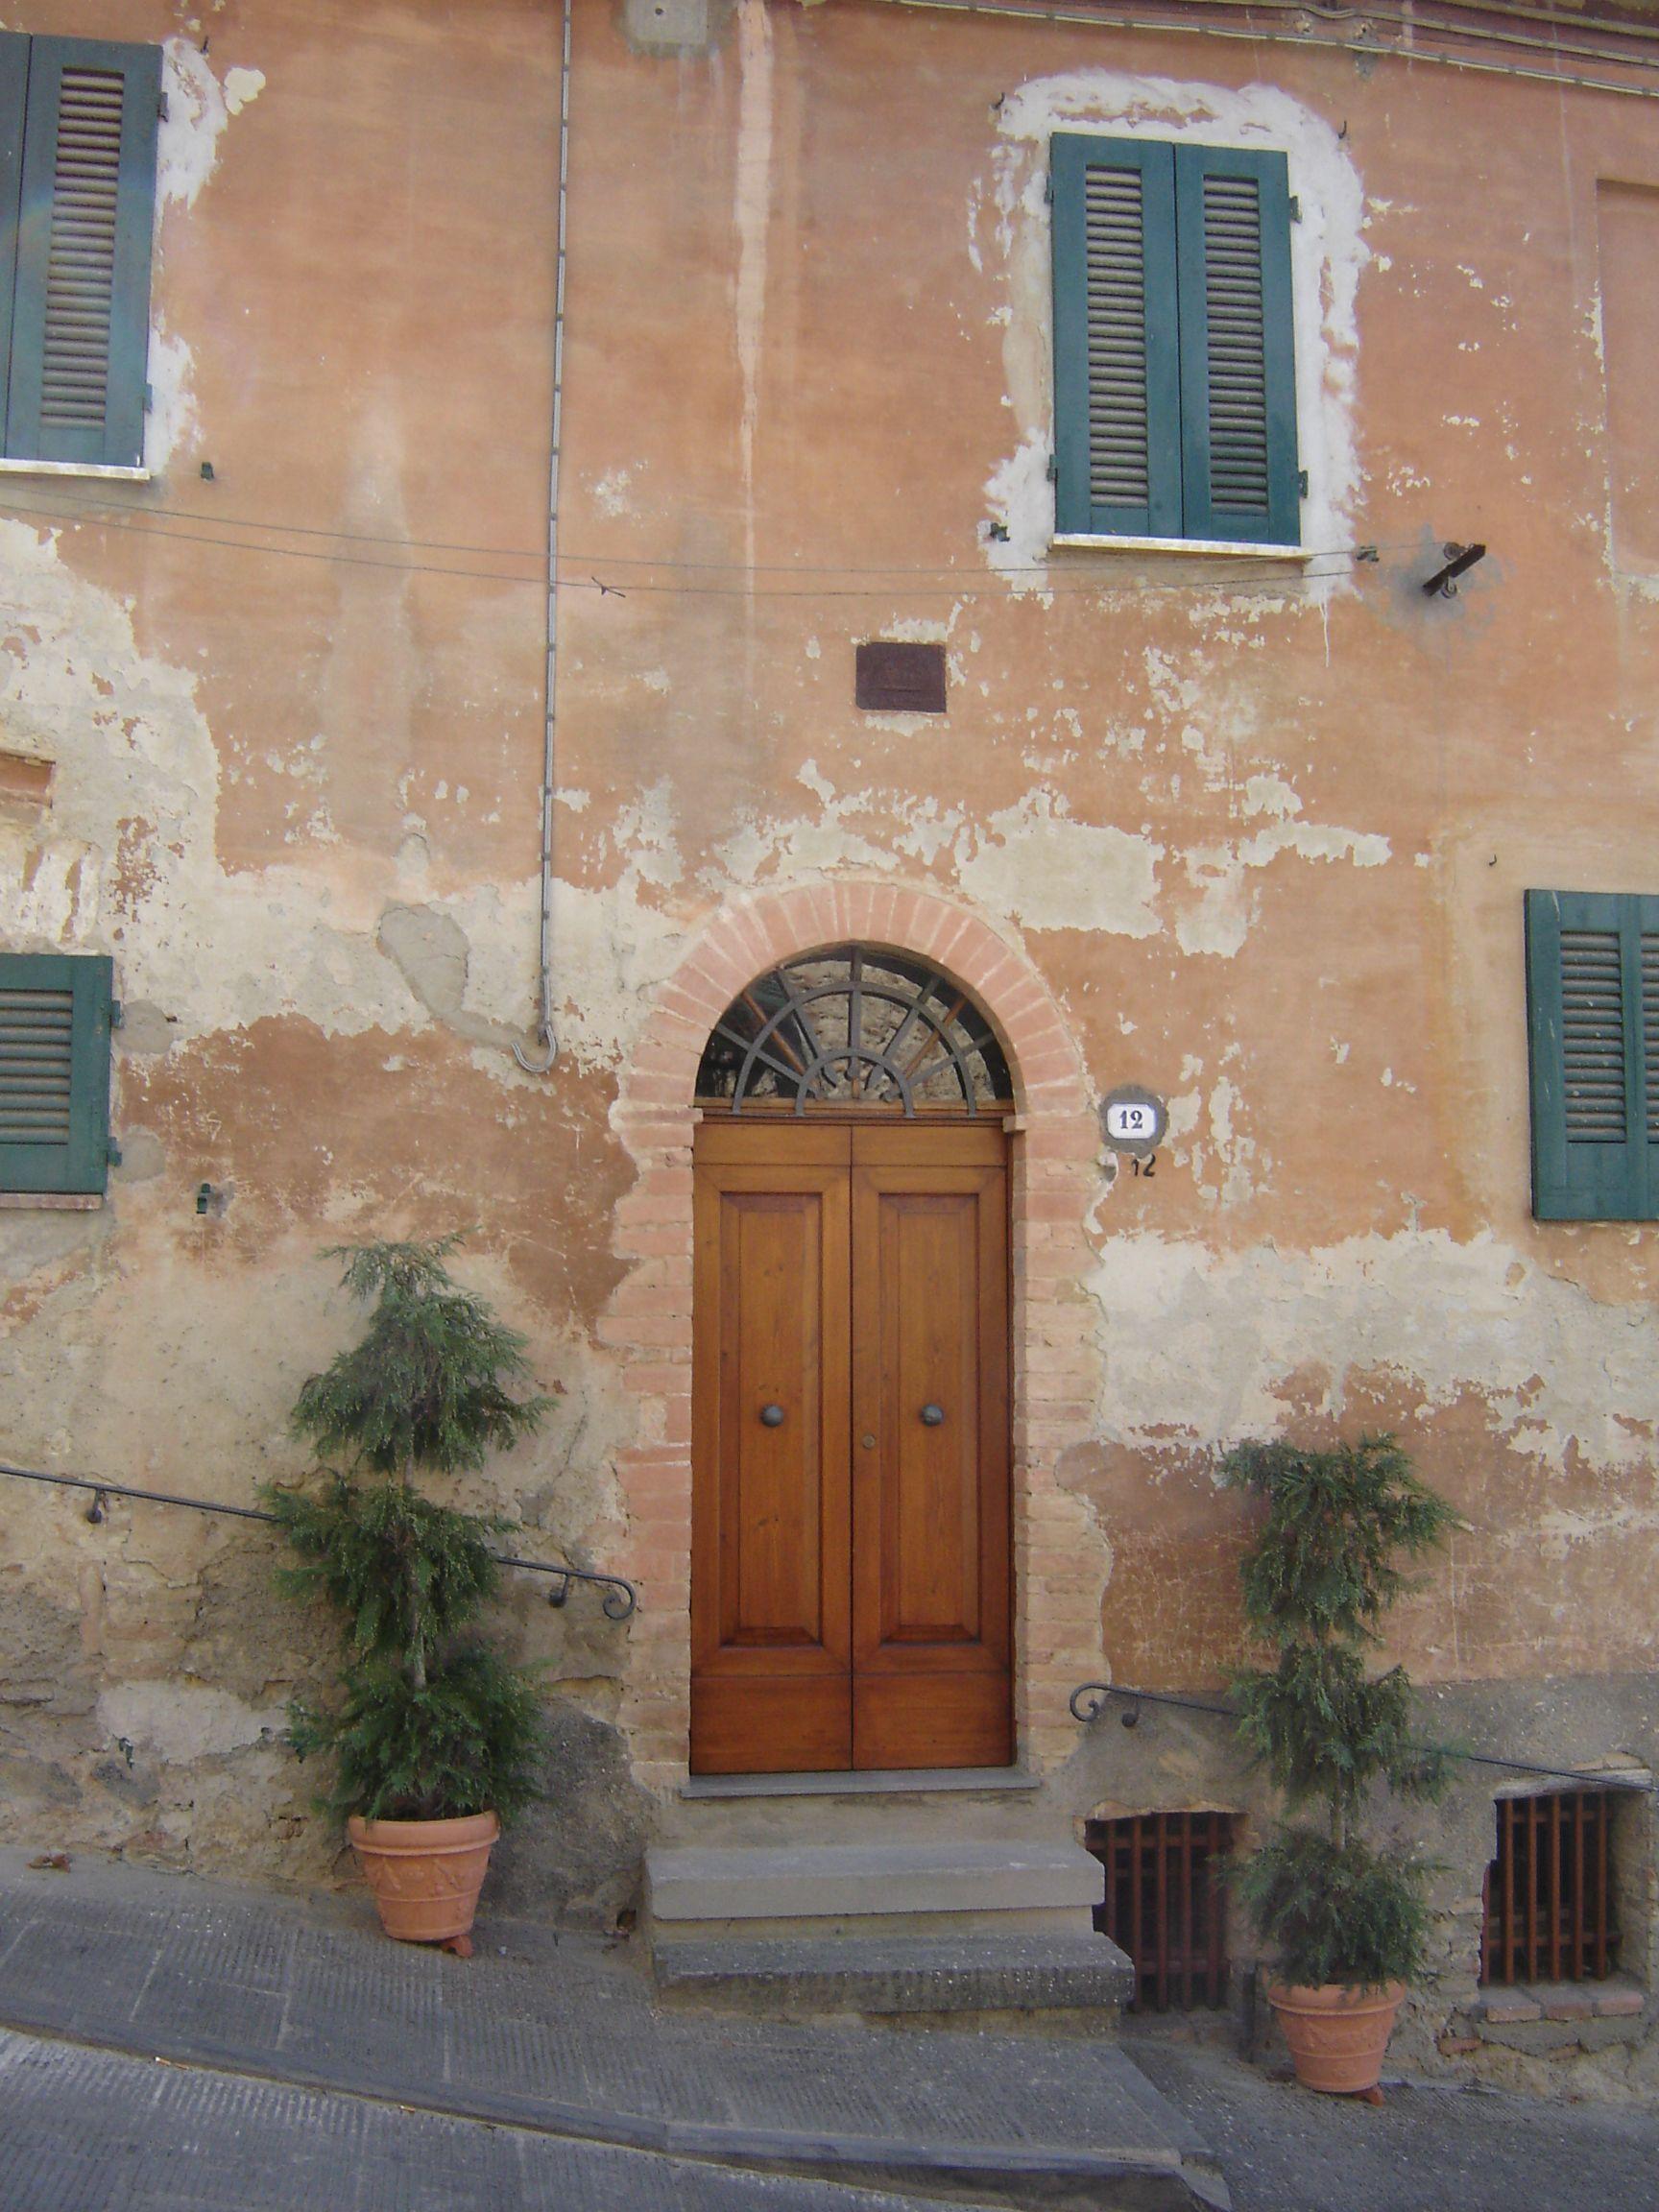 Doorway in Cetona Italia